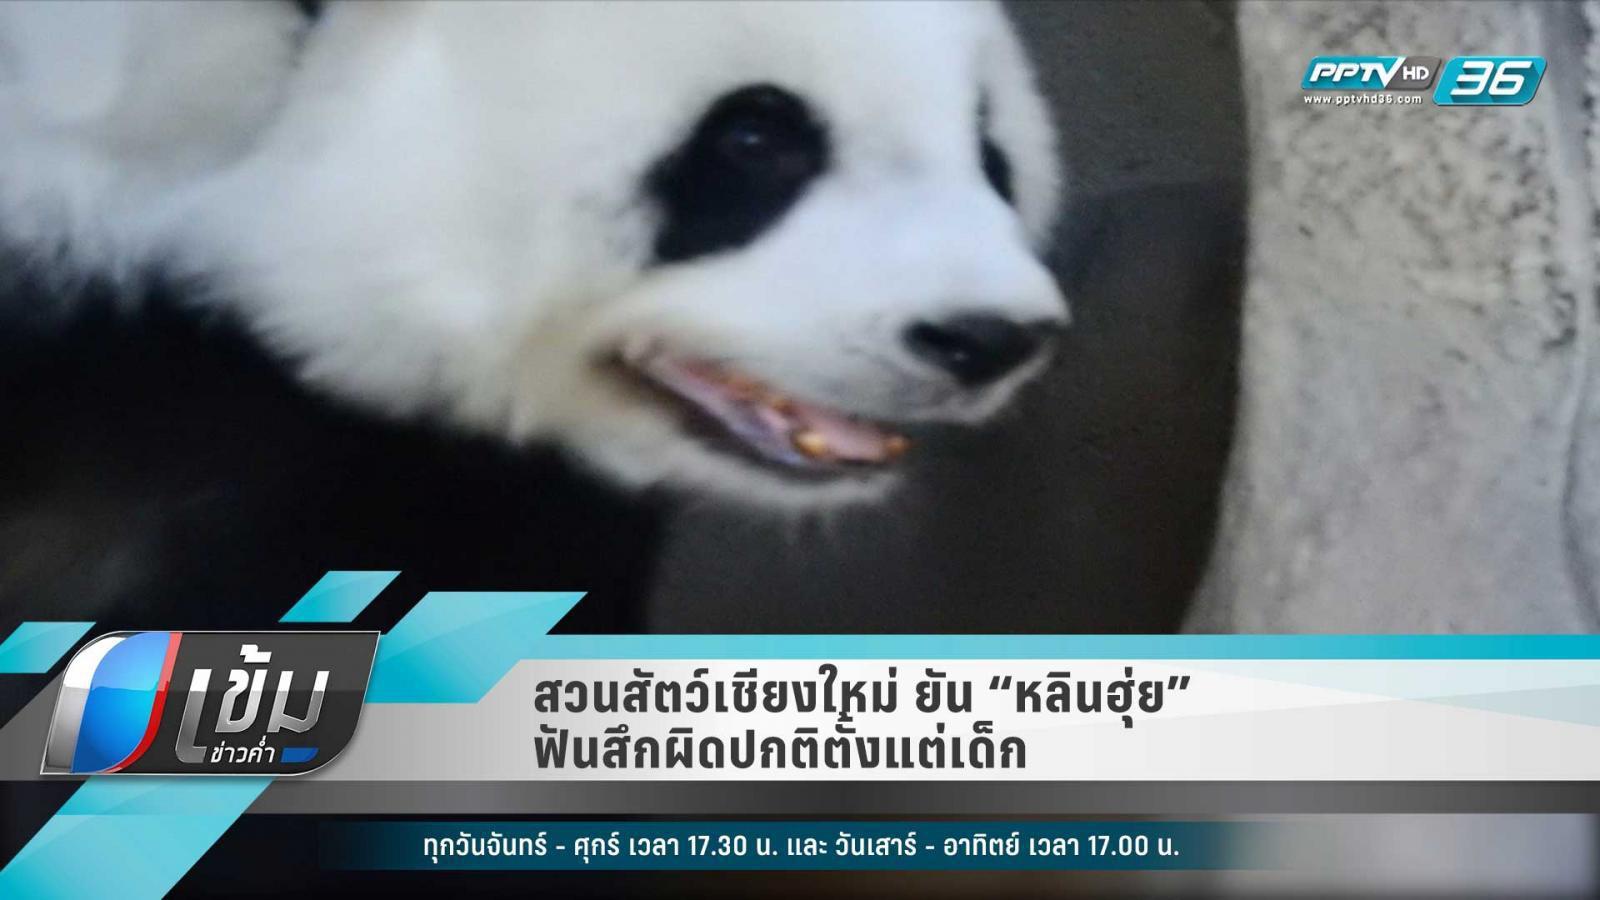 """""""สวนสัตว์เชียงใหม่"""" รับ """"หลินฮุ่ย"""" ฟันสึกจริง แต่เป็นตั้งแต่เกิด"""